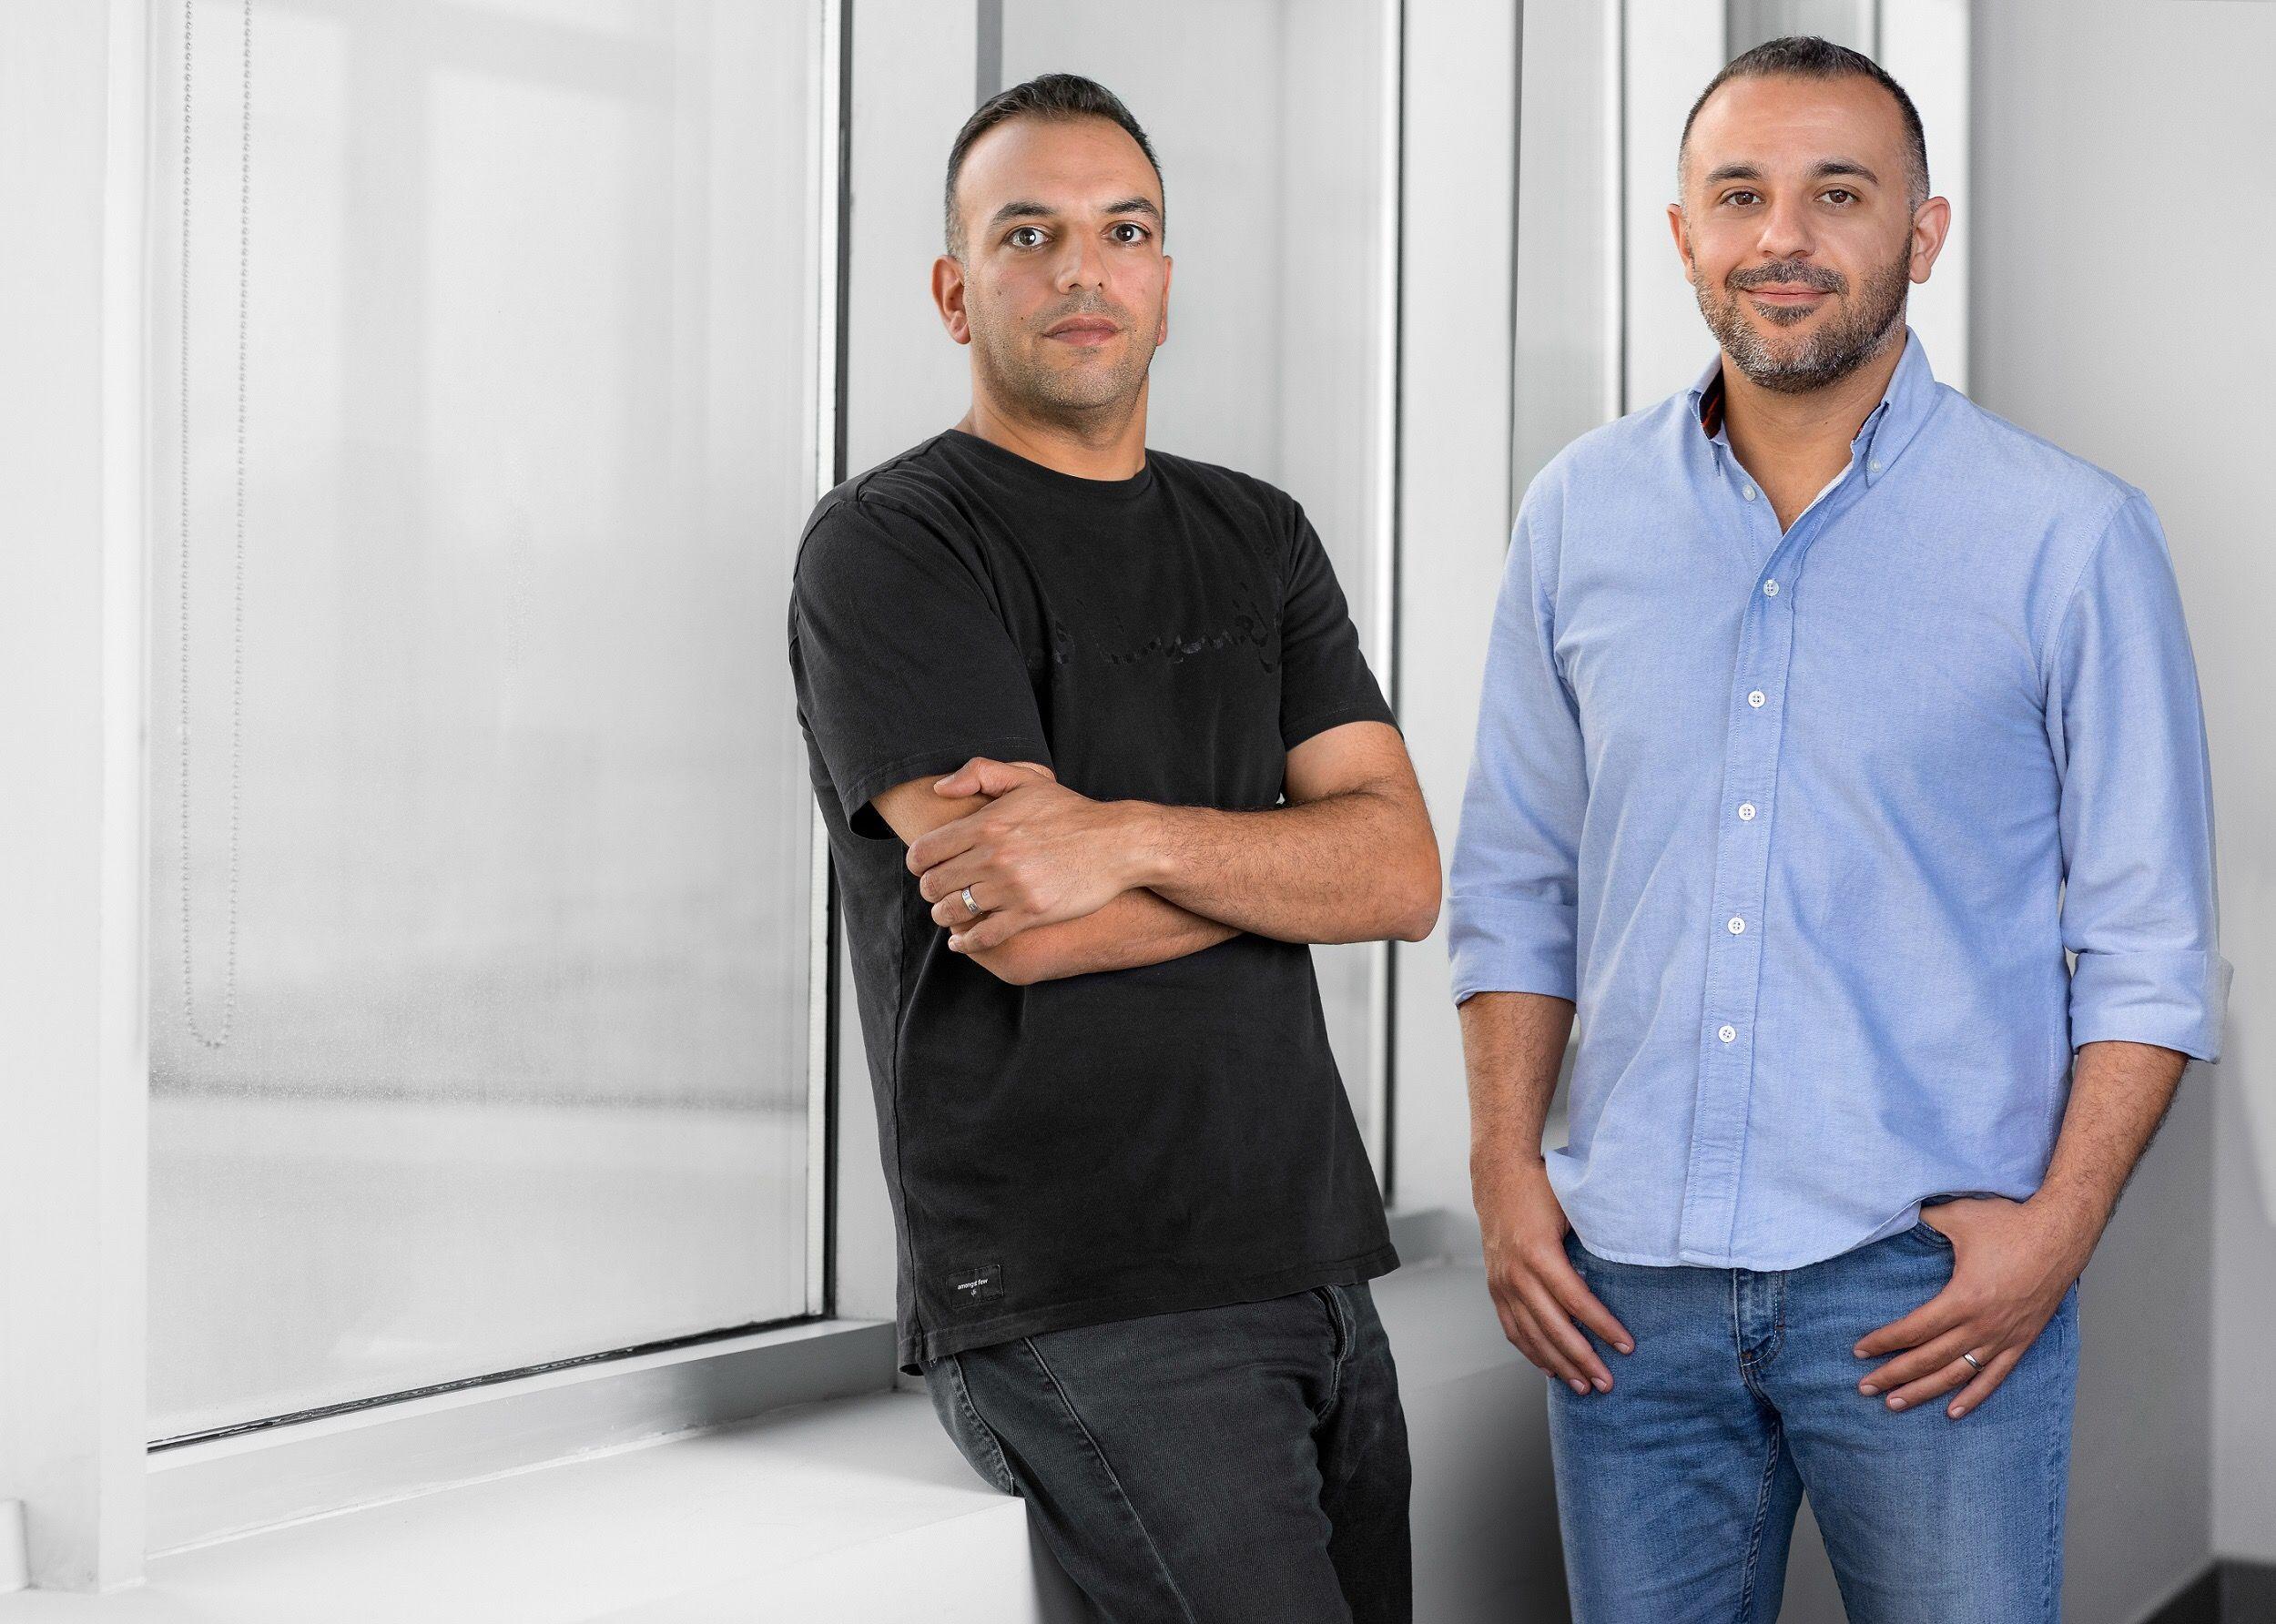 UAE-based Zbooni raises 1.1 million